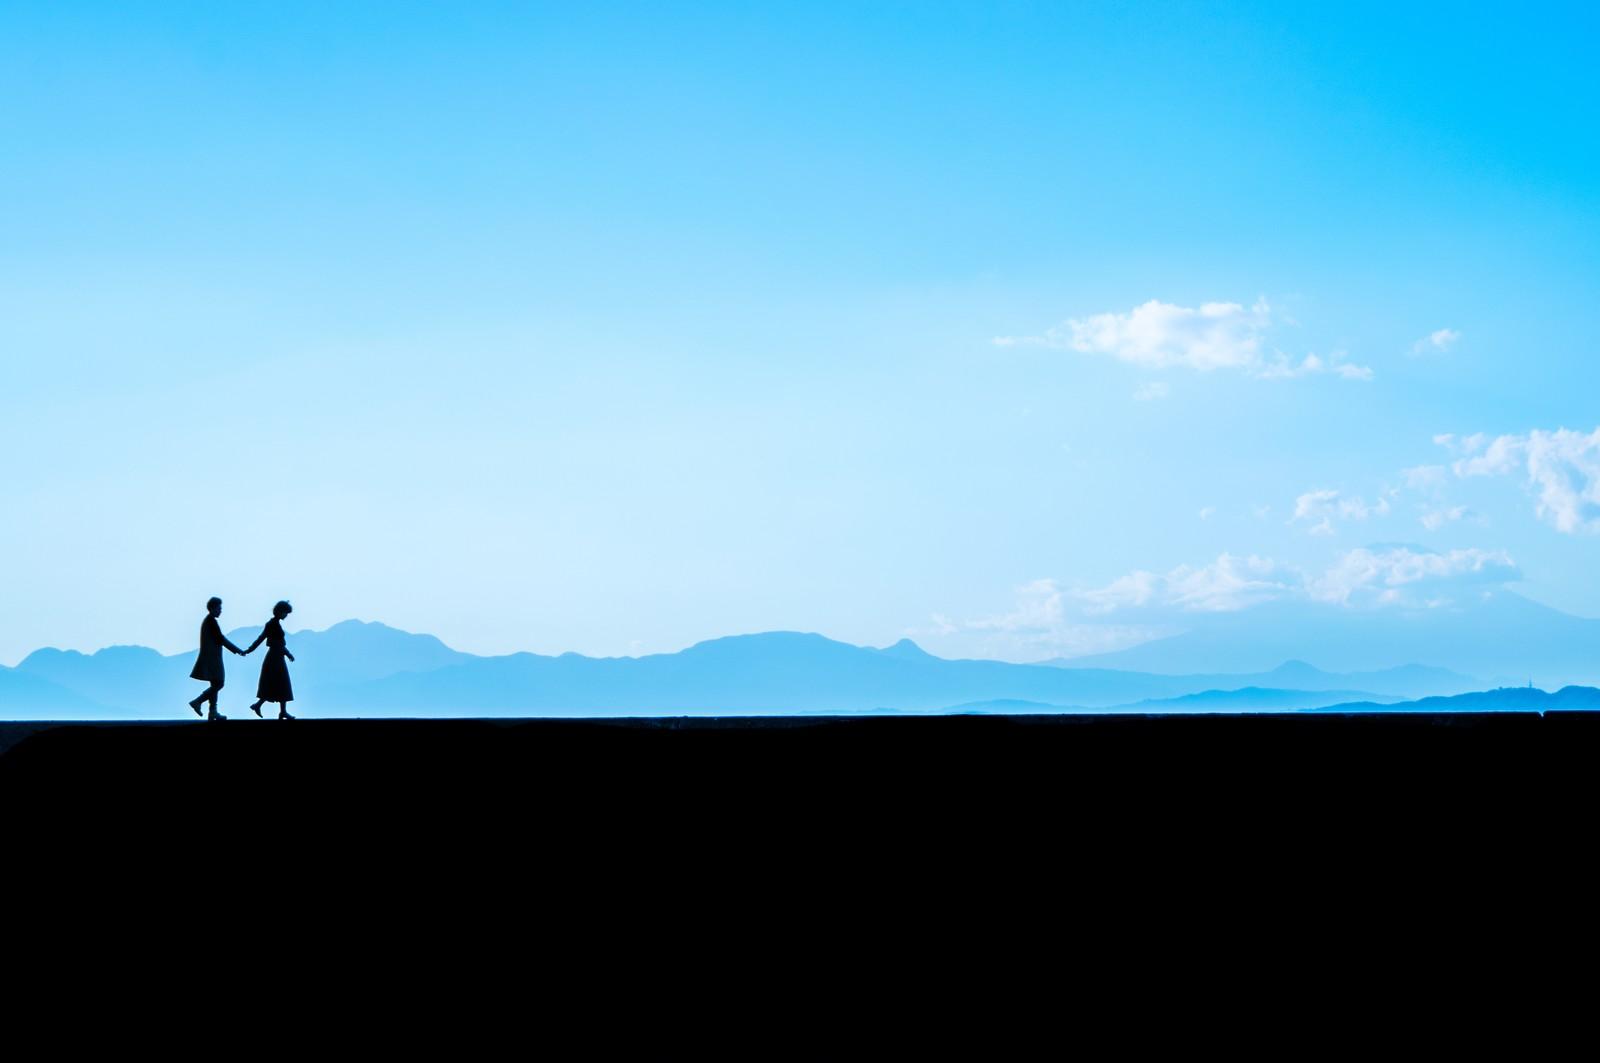 「うつむき歩く彼女と手を繋ぐ彼氏のシルエット」の写真